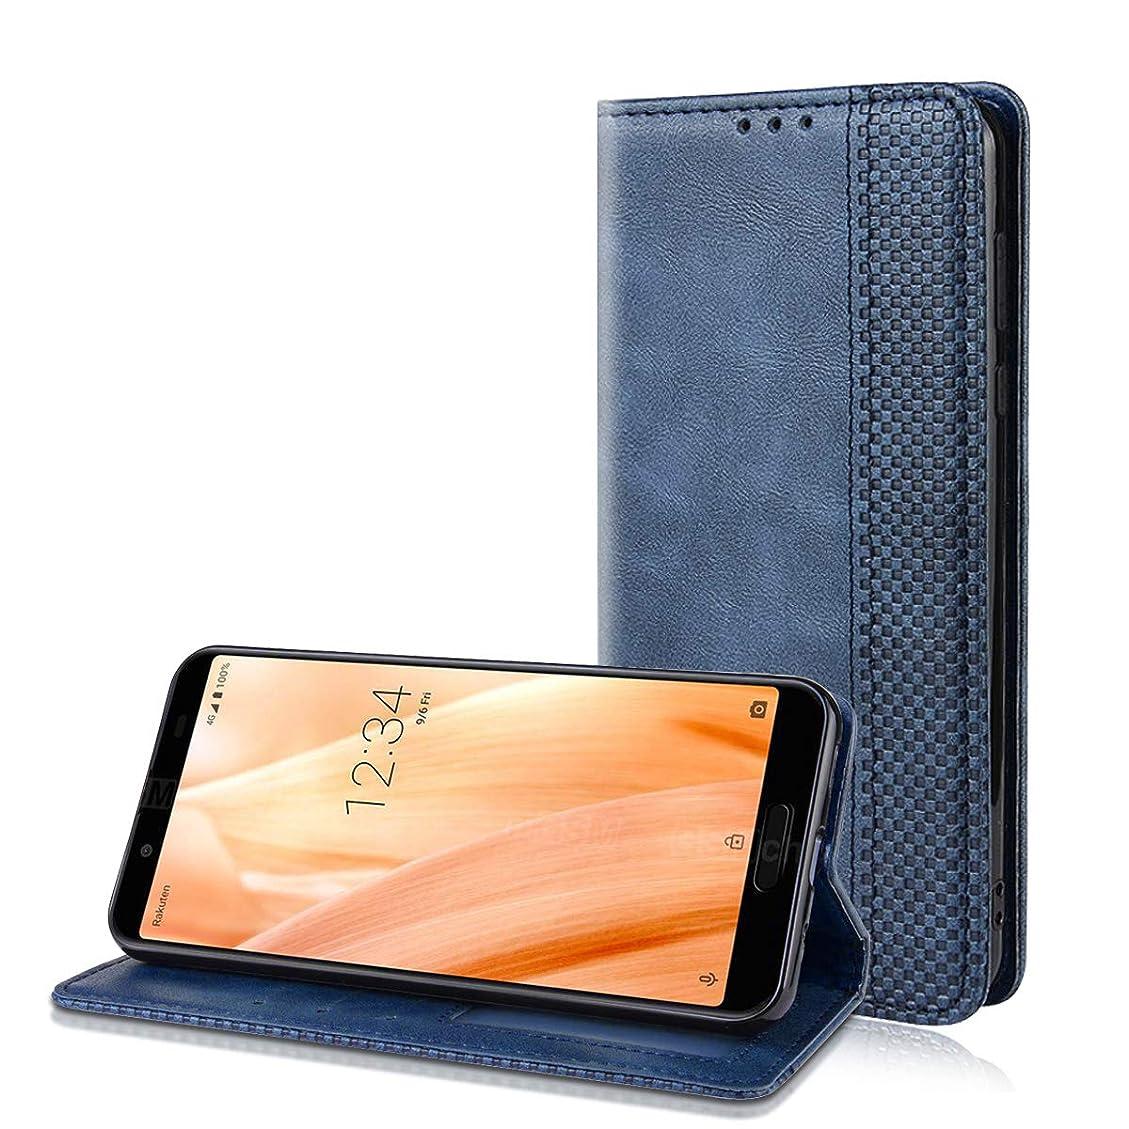 ダッシュ経済リテラシーAQUOS sense3 SHV45 ケース /AQUOS sense3 lite ケース/Android One S7 ケース 手帳型 AQUOS sense3 SHV45 カバー/AQUOS Sense 3 lite カバー/Android One S7 カバー SH-02M / SHV45 / SH-RM12 ケース スタンド機能付き マグネット付き カード収納 高級PU合成レザー 耐衝撃 人気 おしゃれ シンプル かわいい 純色 AQUOS Sense 3 lite 手帳型ケース AQUOS Sense 3 lite スマホケース ネービー